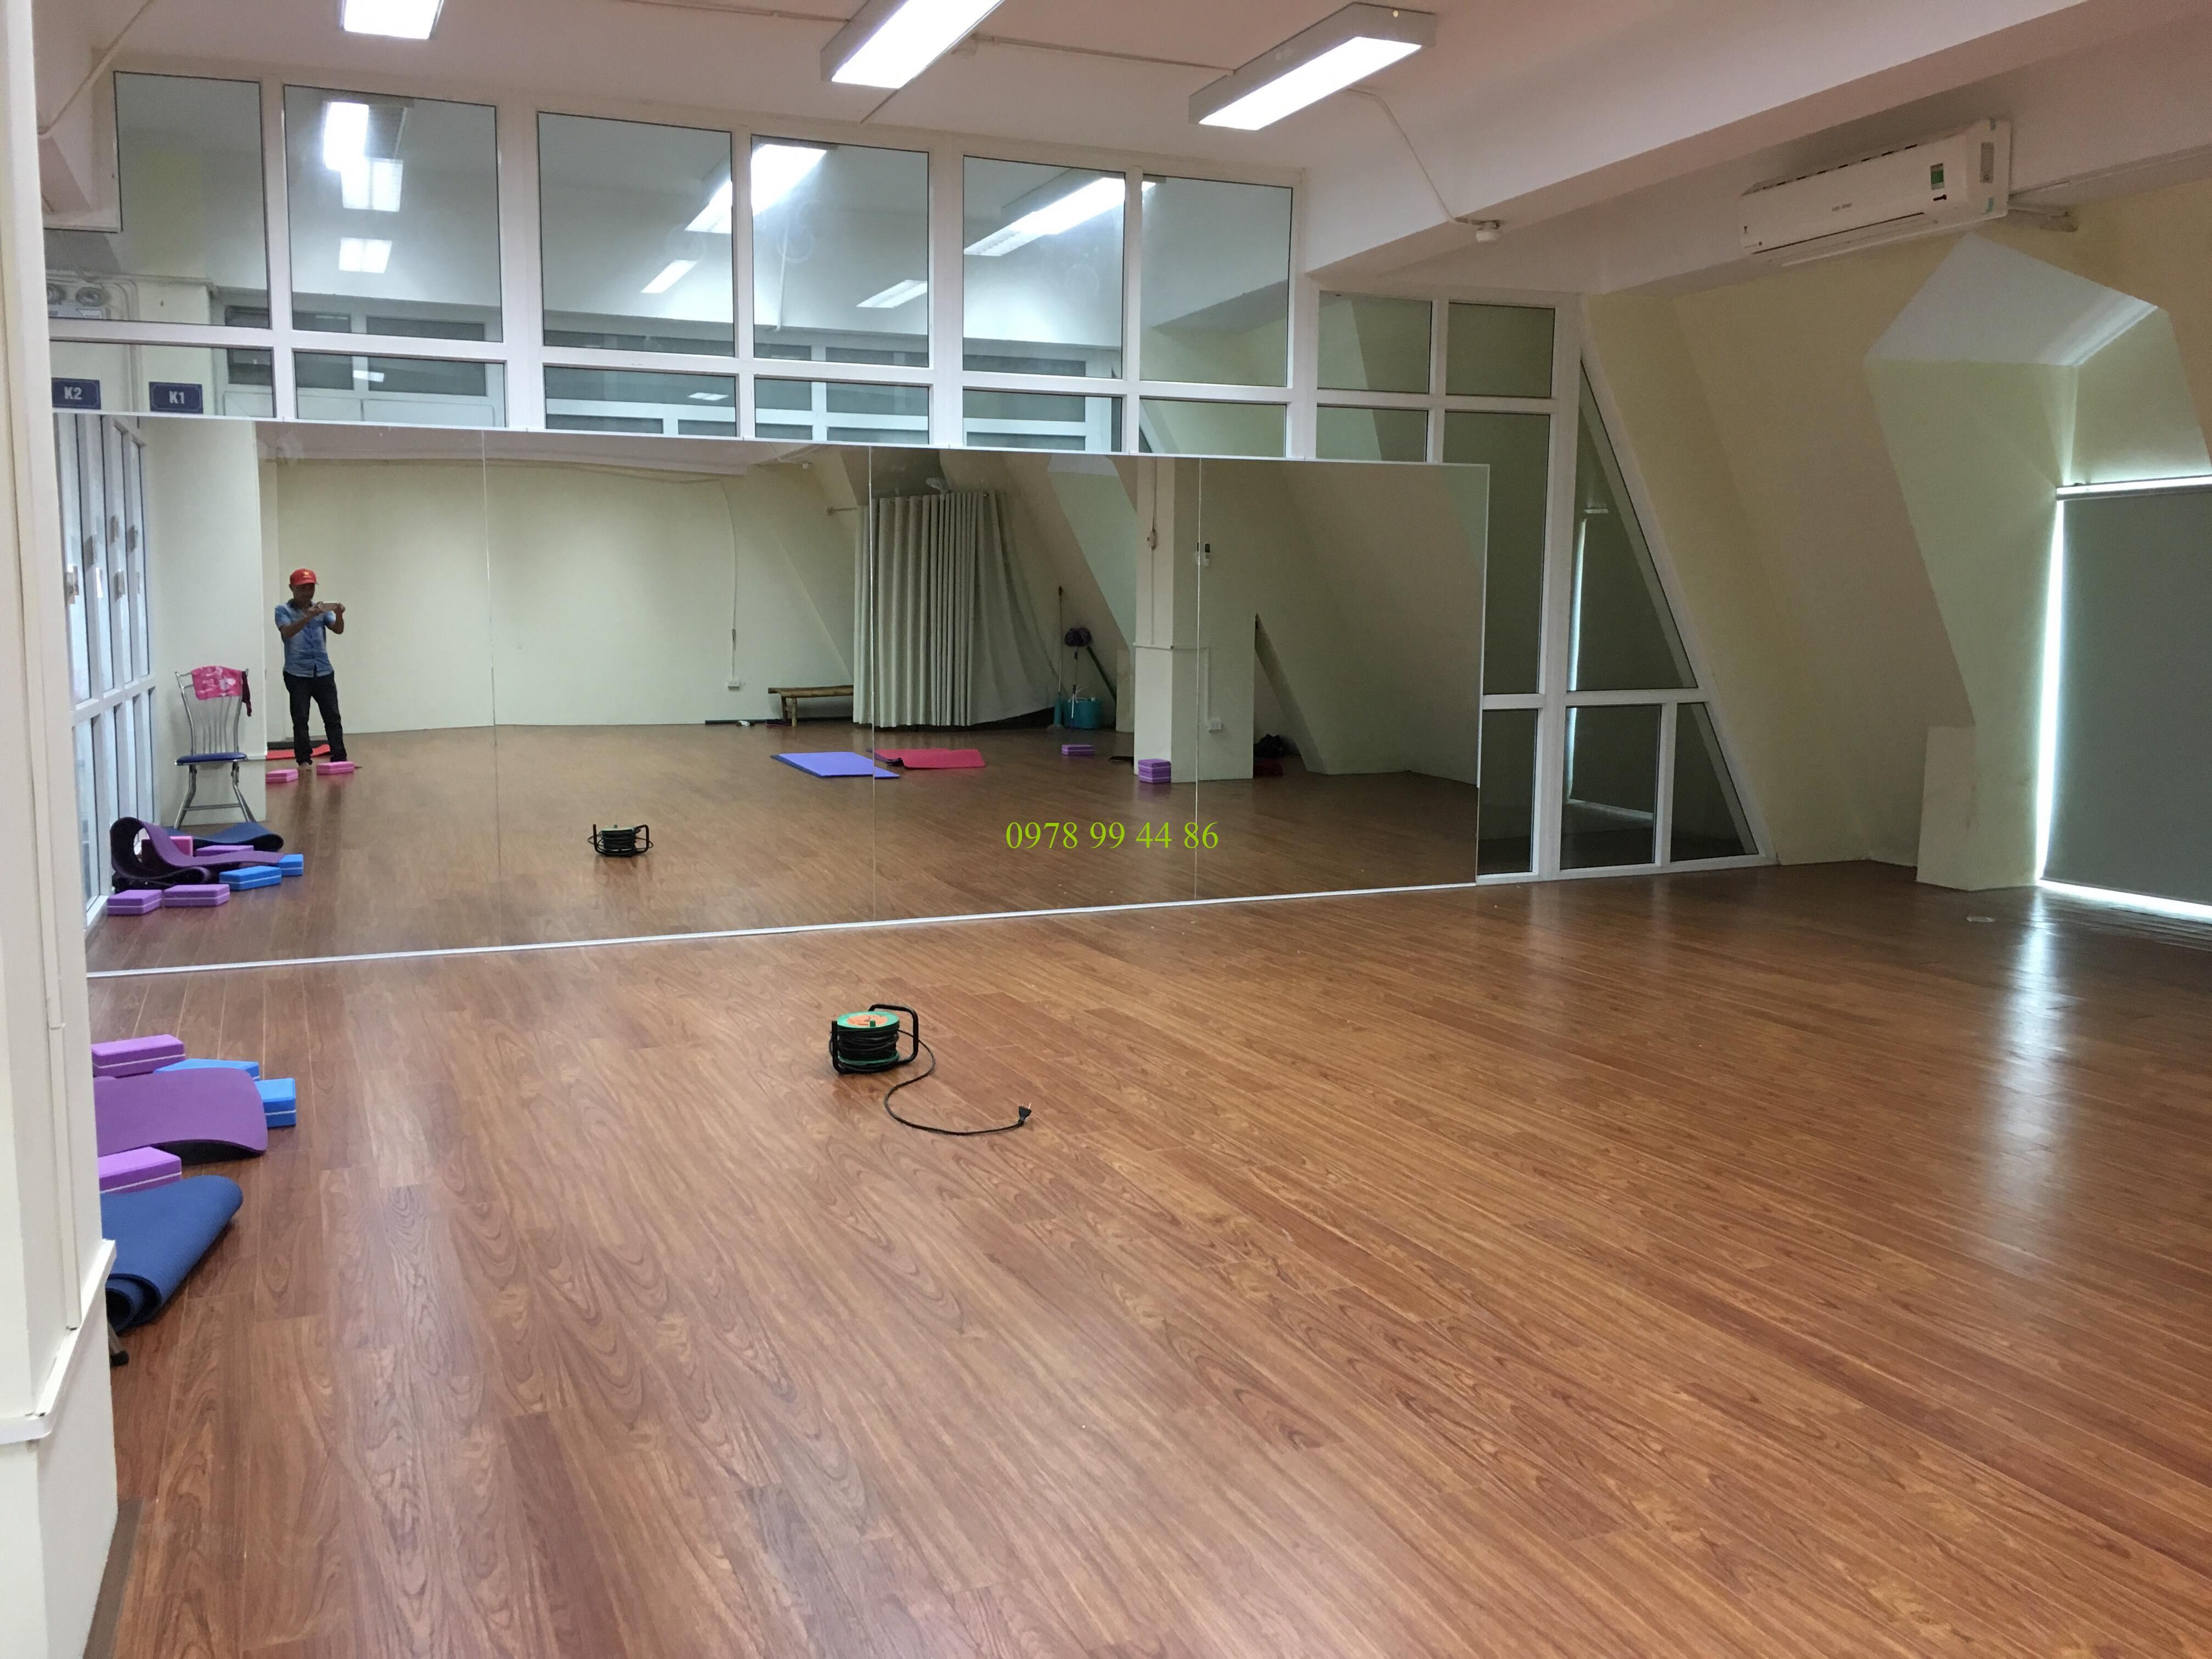 báo giá gương phòng tập 17 Báo giá gương phòng tập gym,yoga,múa